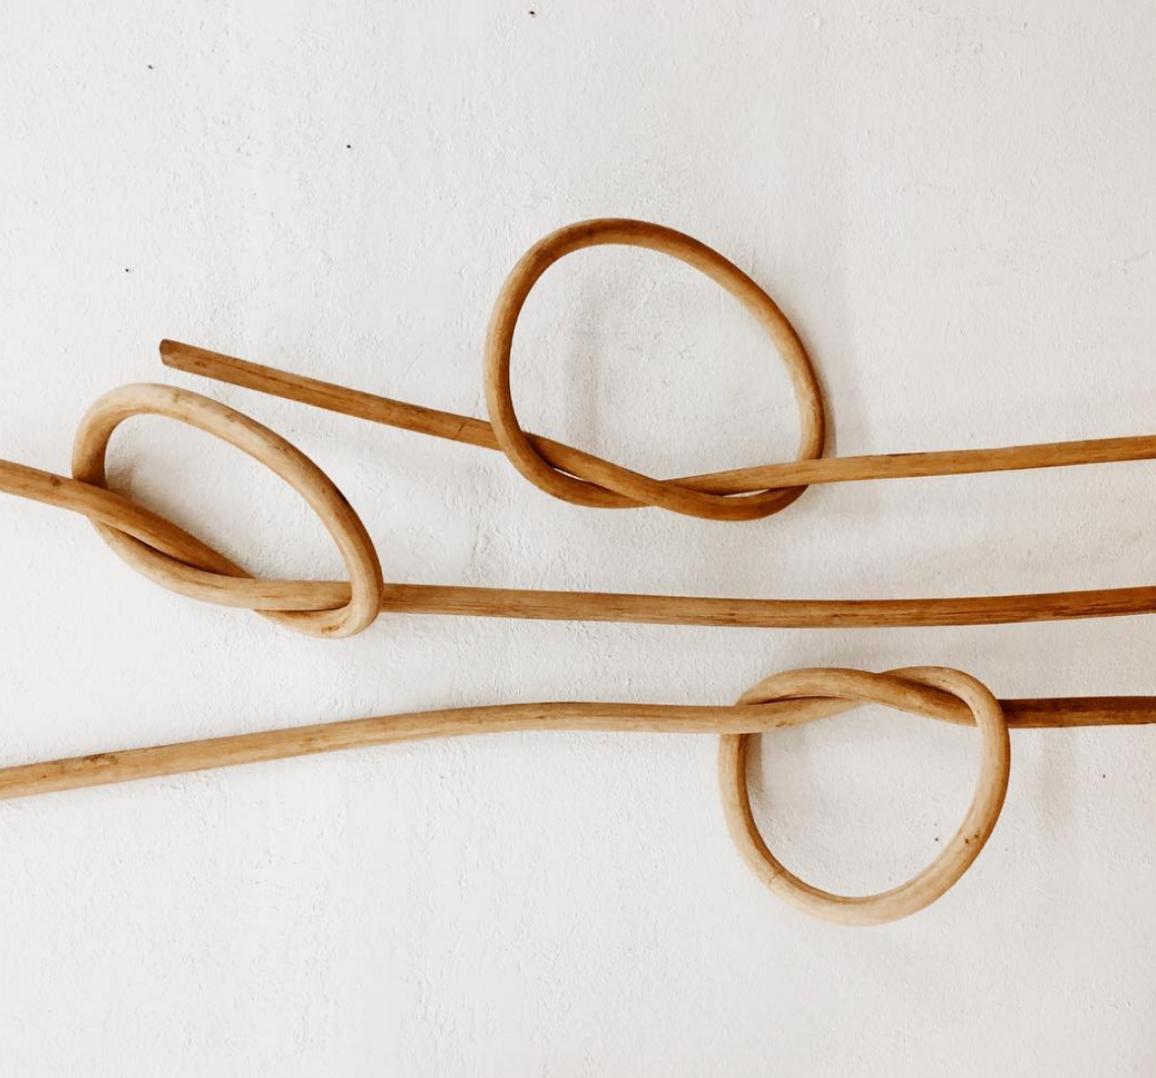 Wooden Knot Sculptures